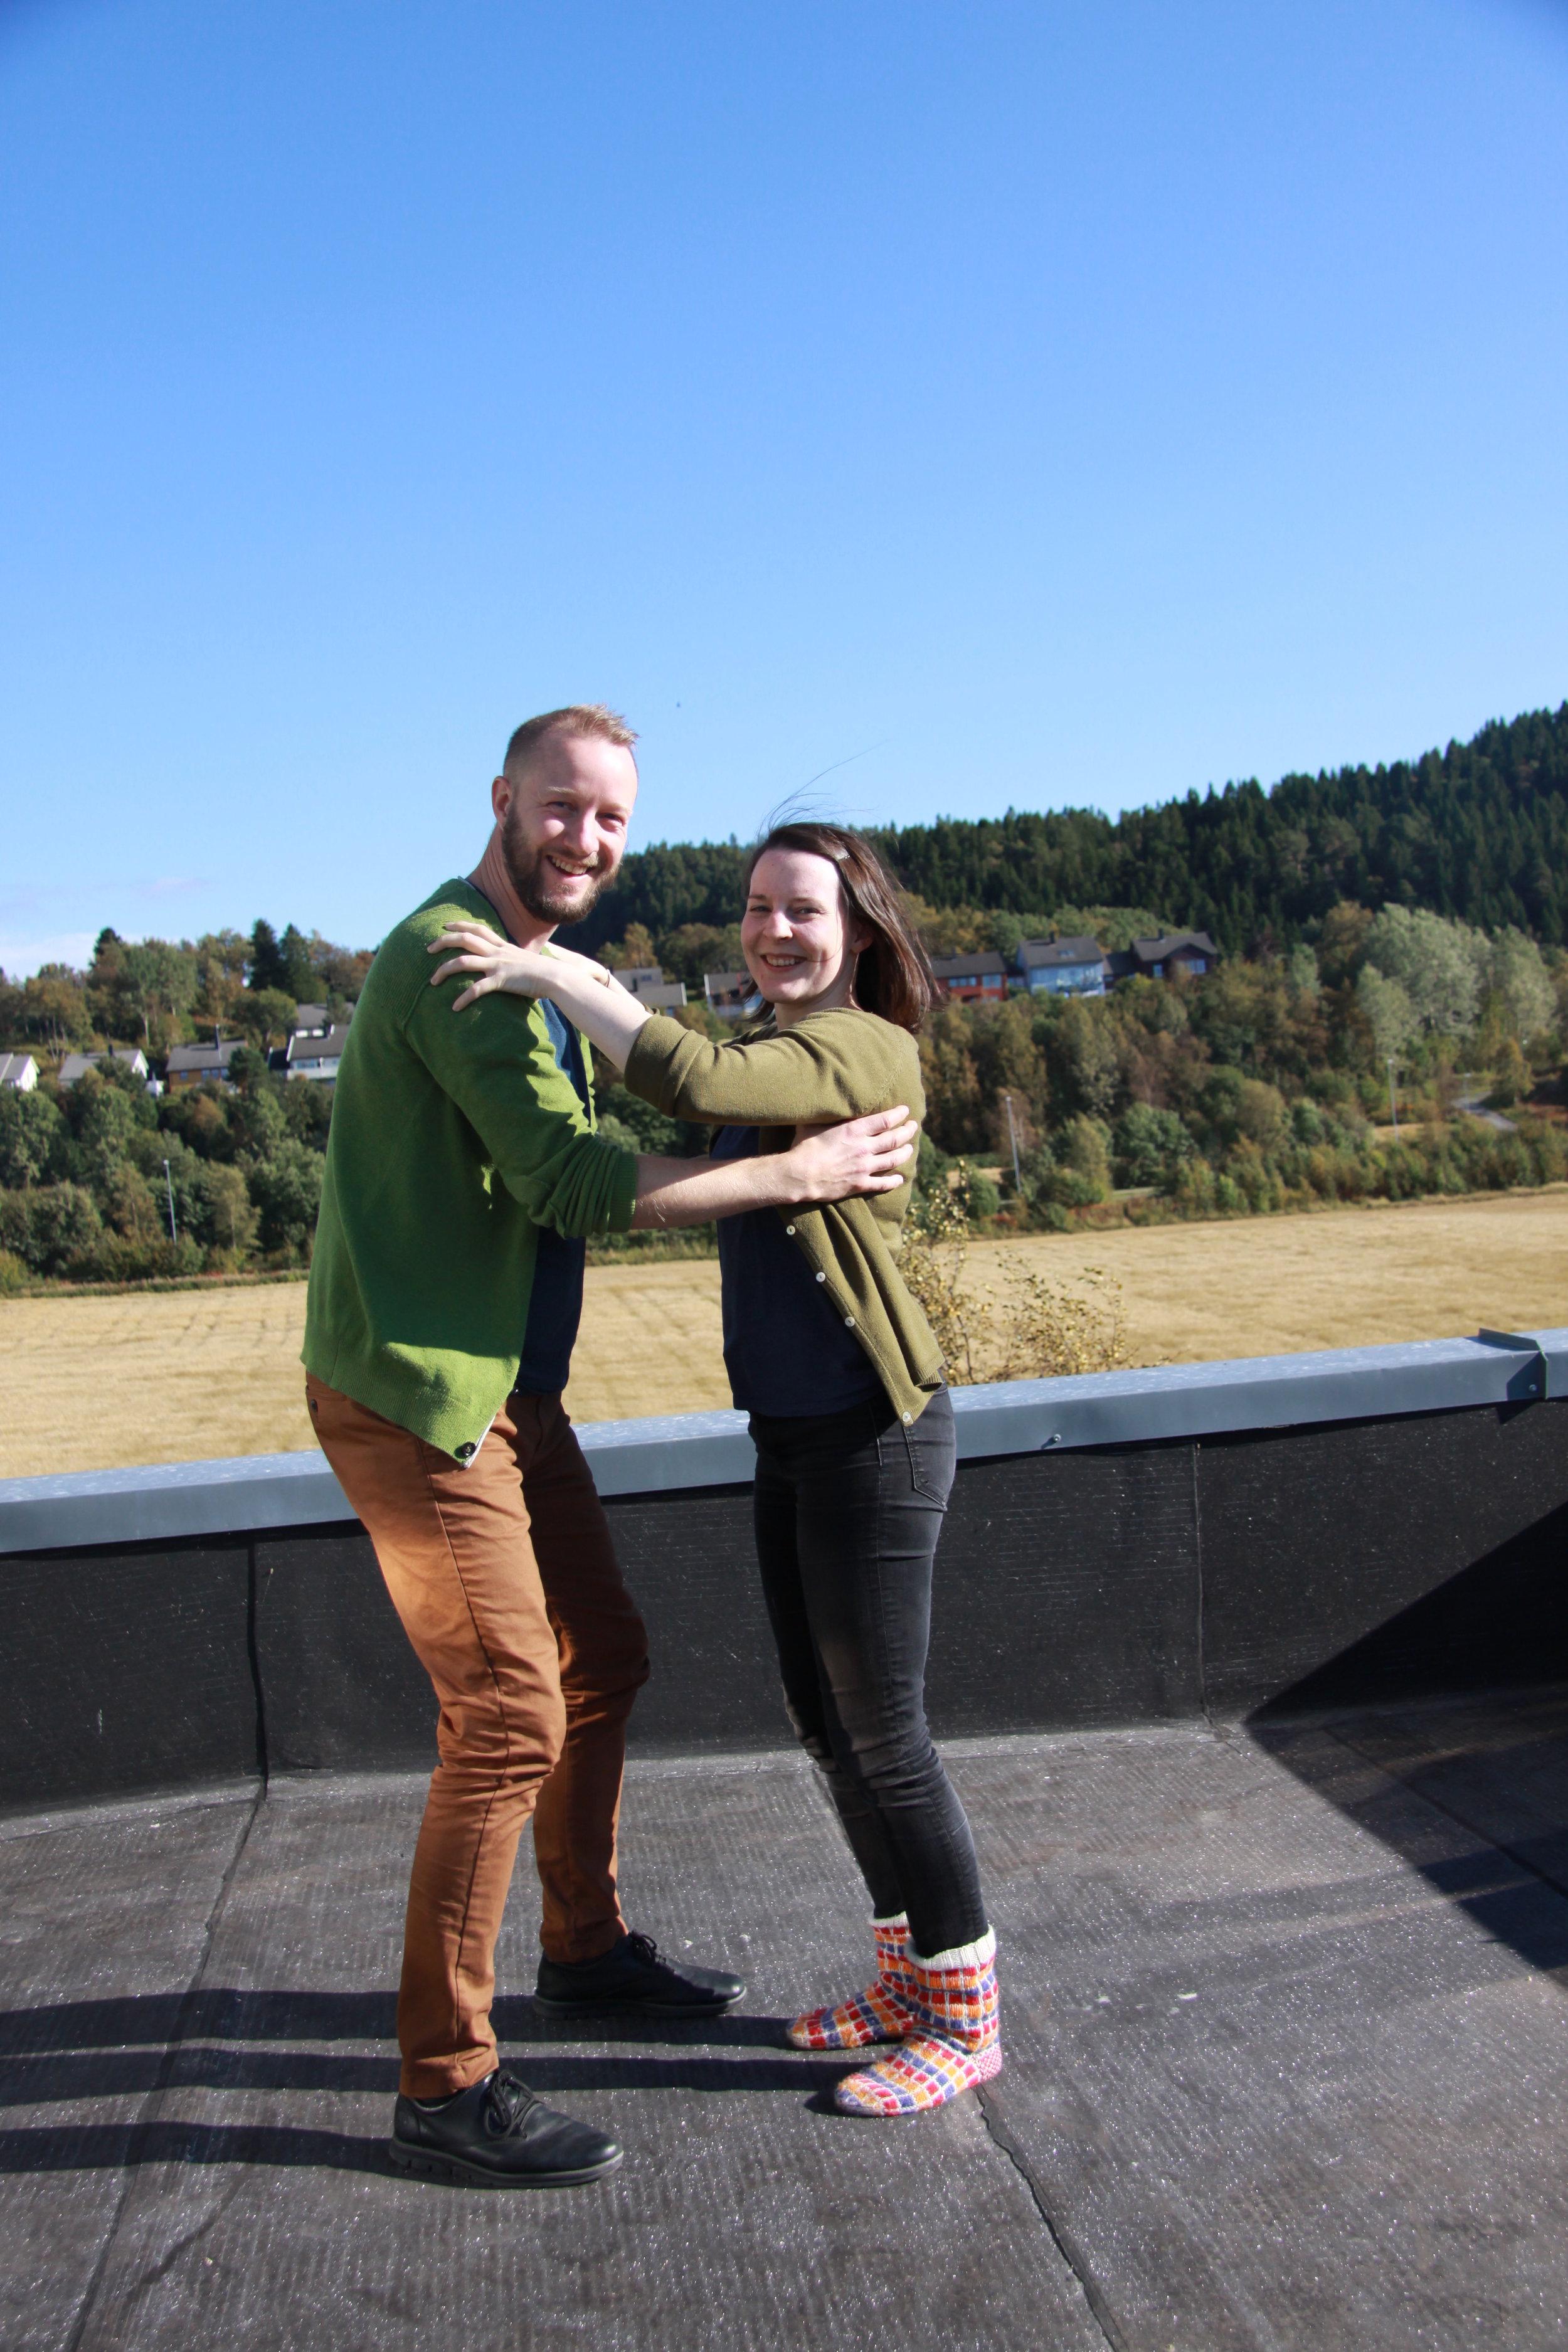 Folkedanskonsulentene Sigurd Heide og Torill Steinjord gleder seg til å møte ungdommene på skoleturné denne høsten (foto:Tone Erlien)